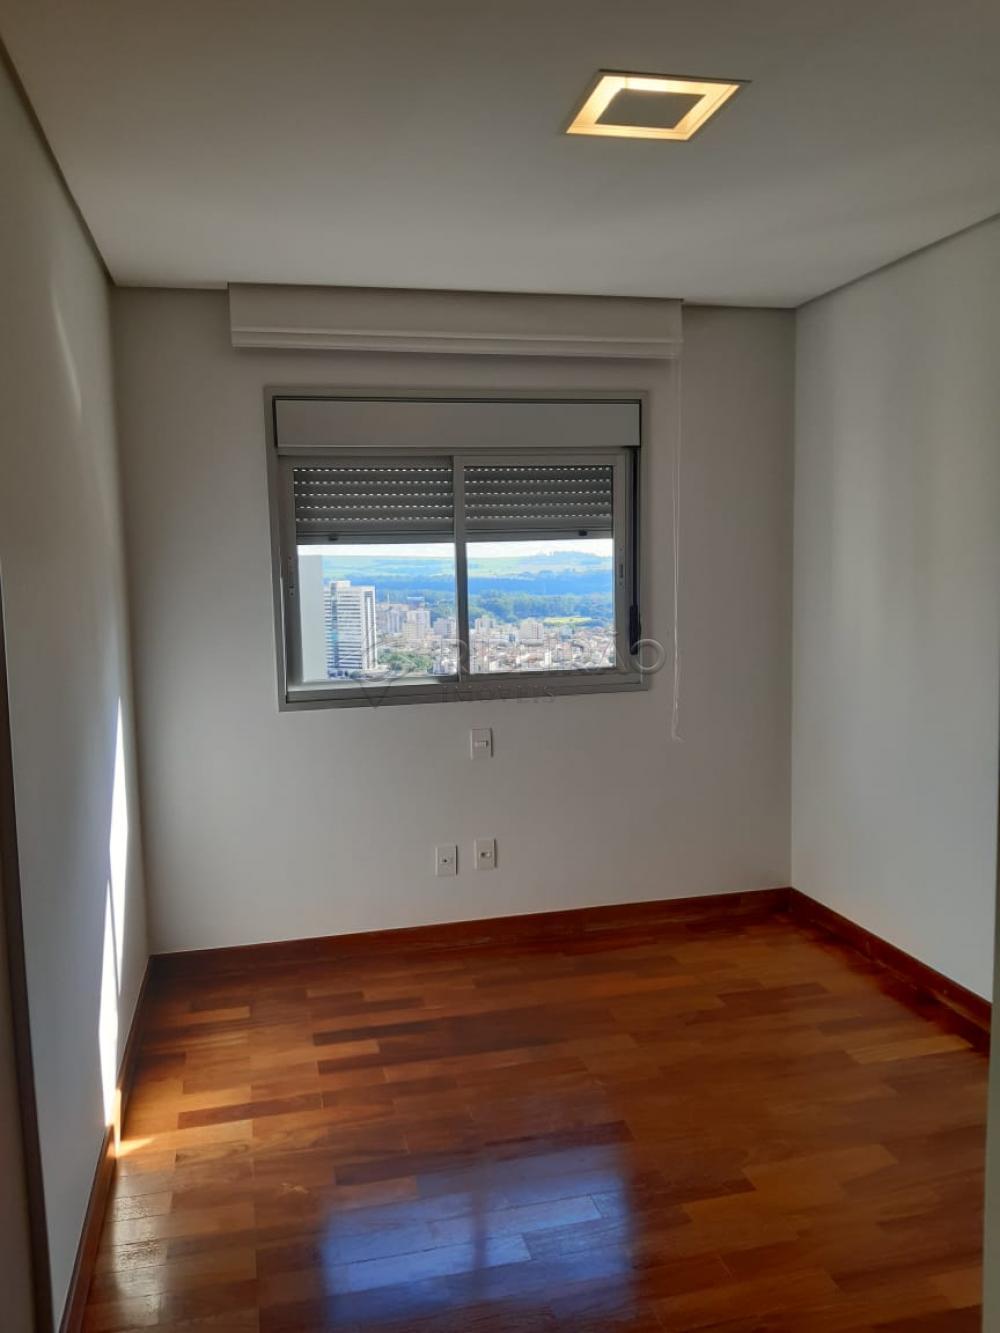 Comprar Apartamento / Cobertura em Ribeirão Preto R$ 1.900.000,00 - Foto 27